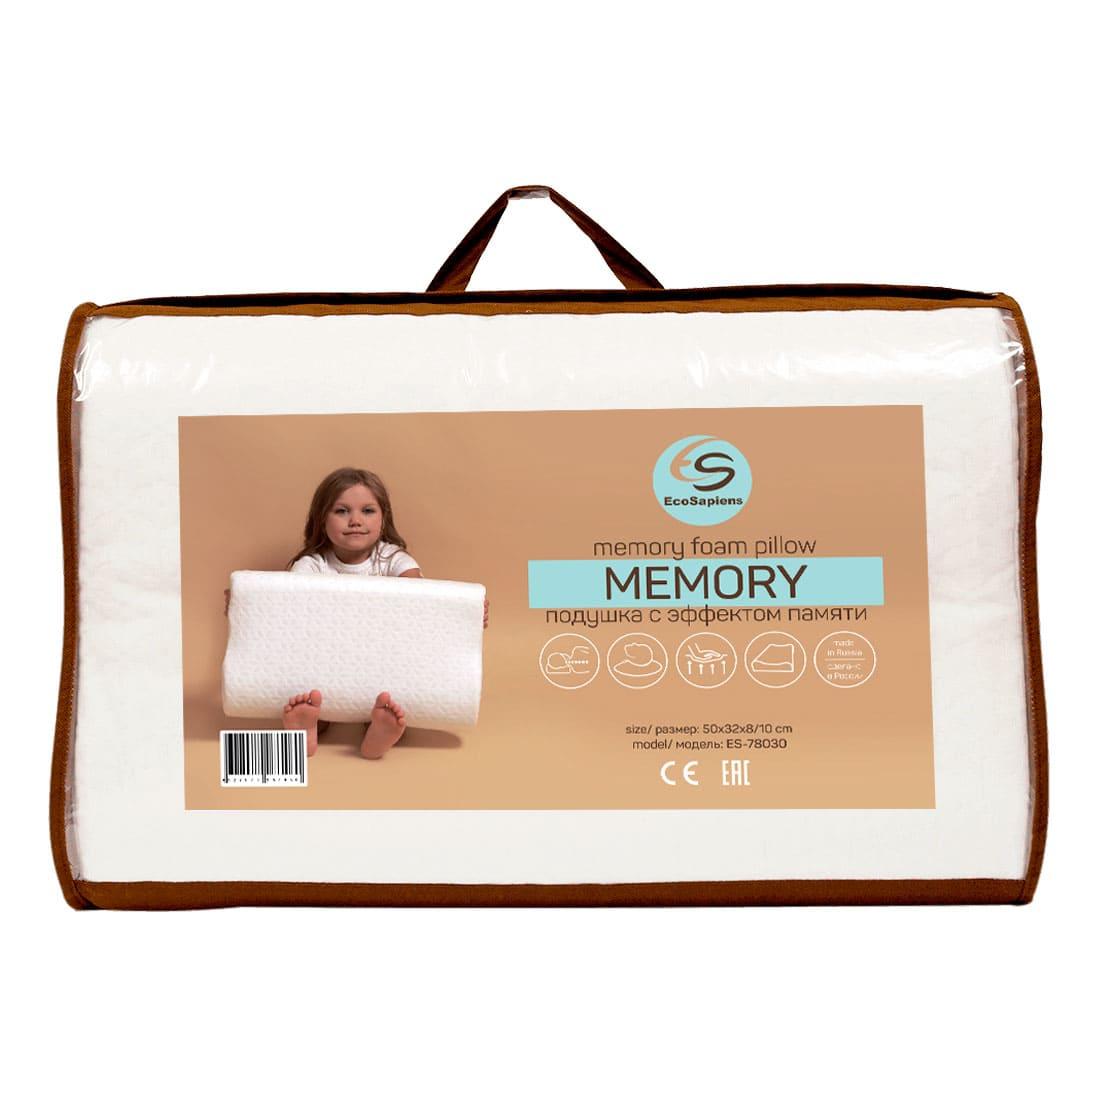 Memory es 78030 box